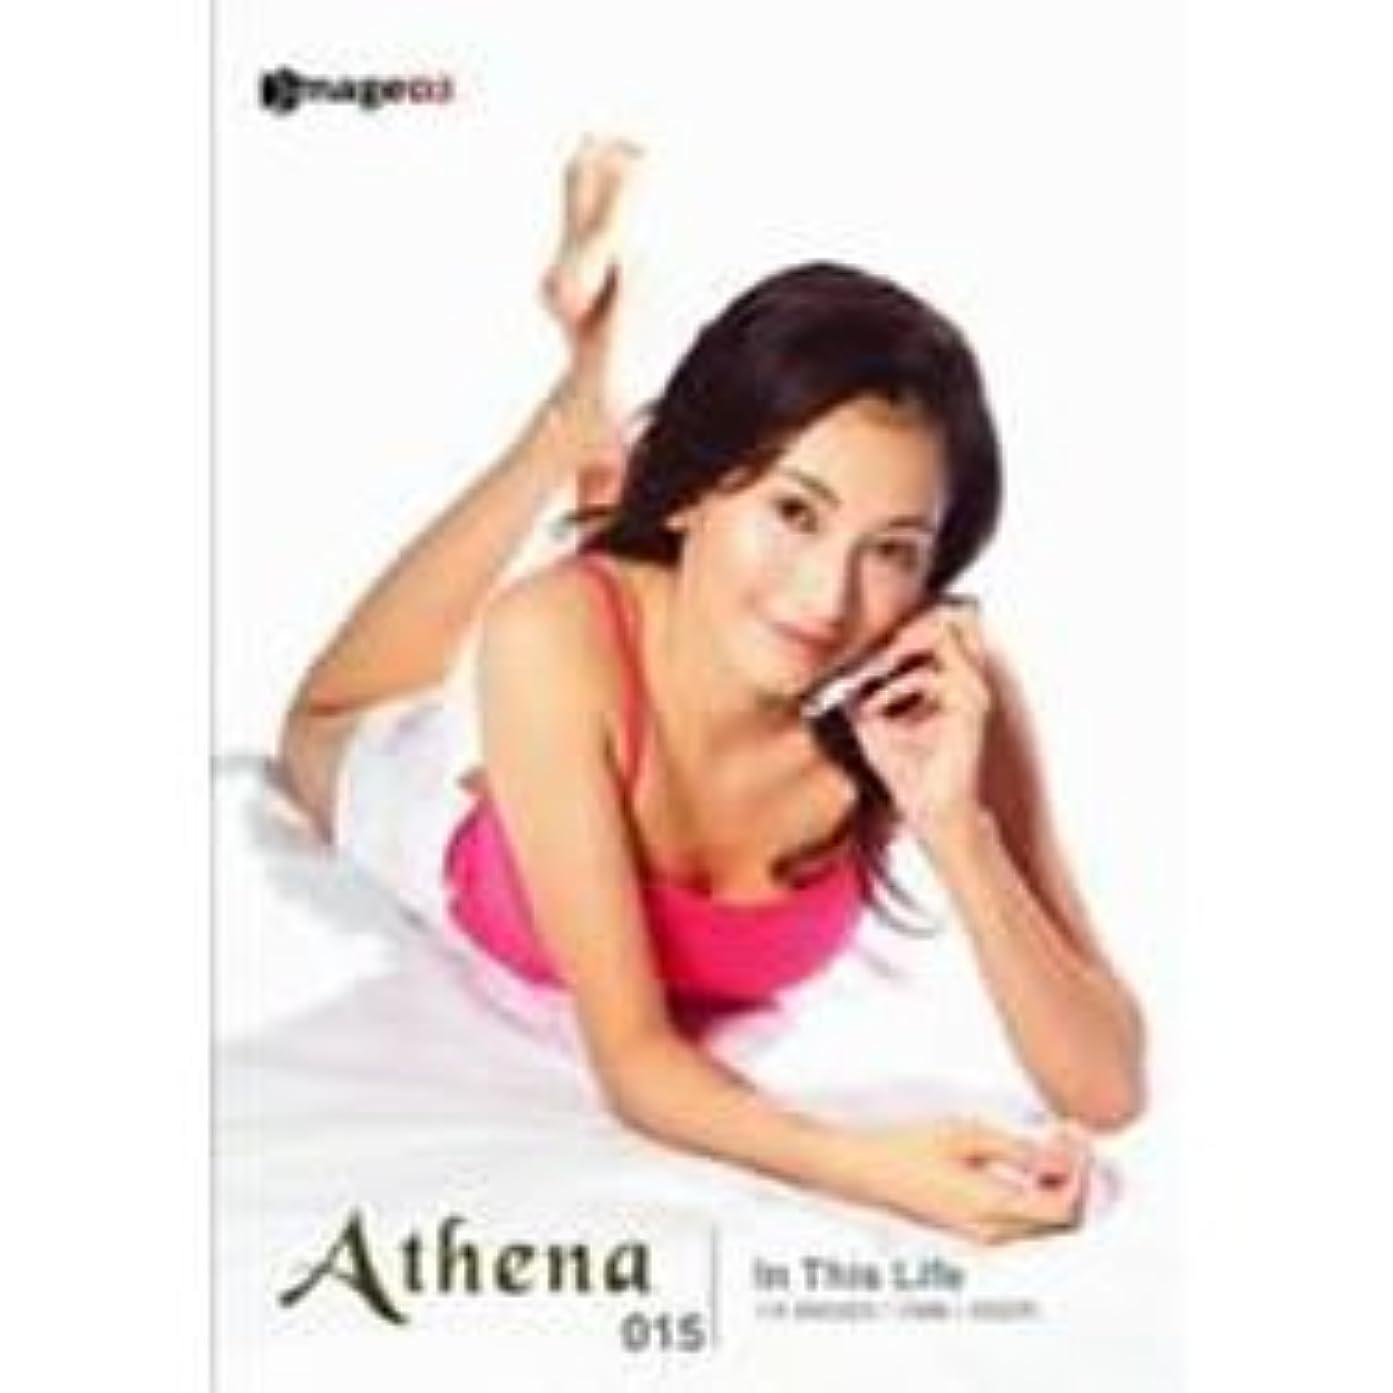 ドリルバリー積極的にアテナ Vol.15 彼女の休日